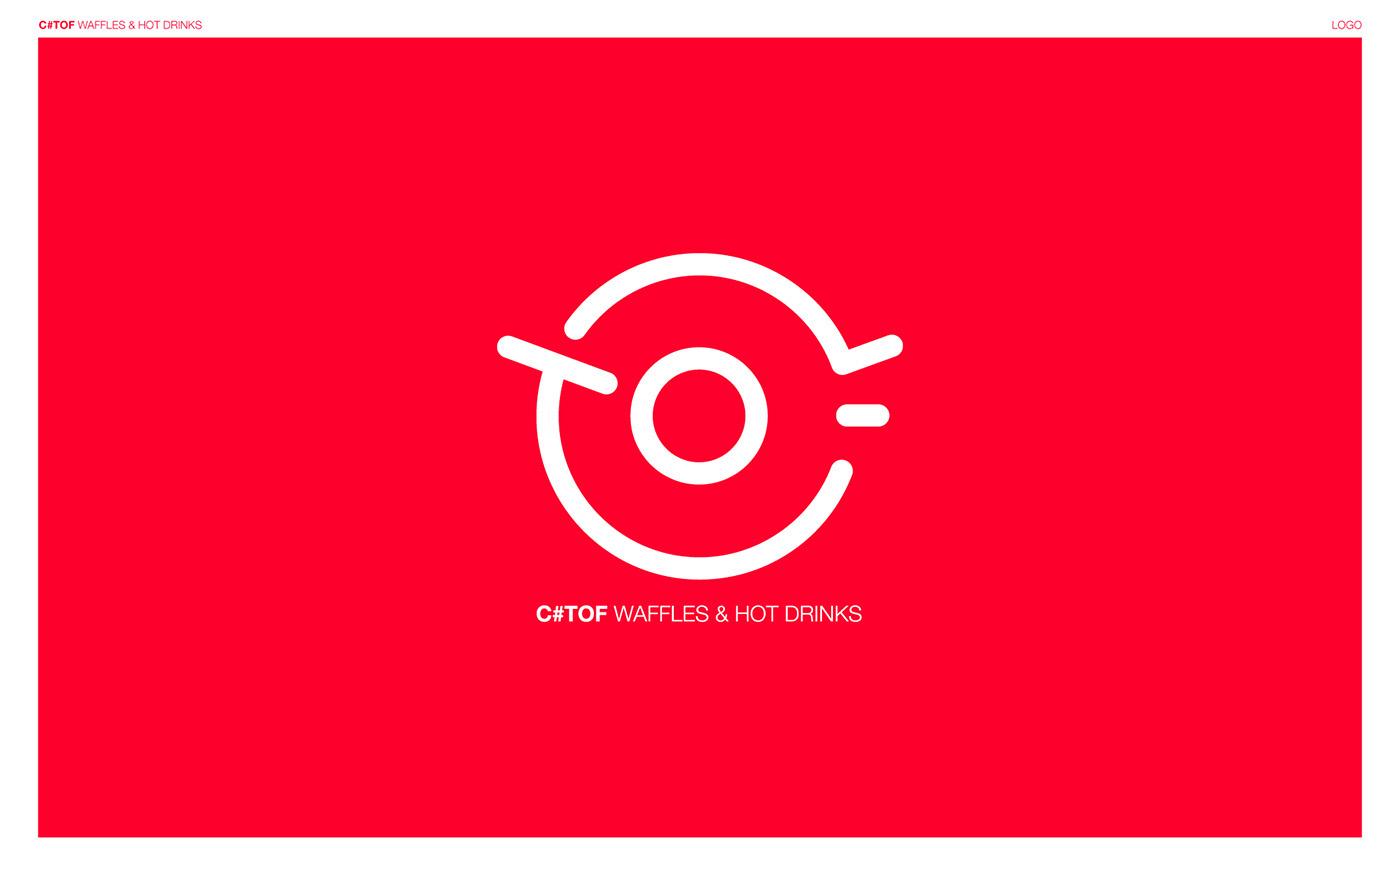 logo identité graphique neon CARTE DE VISISTE menu gobelets Packaging